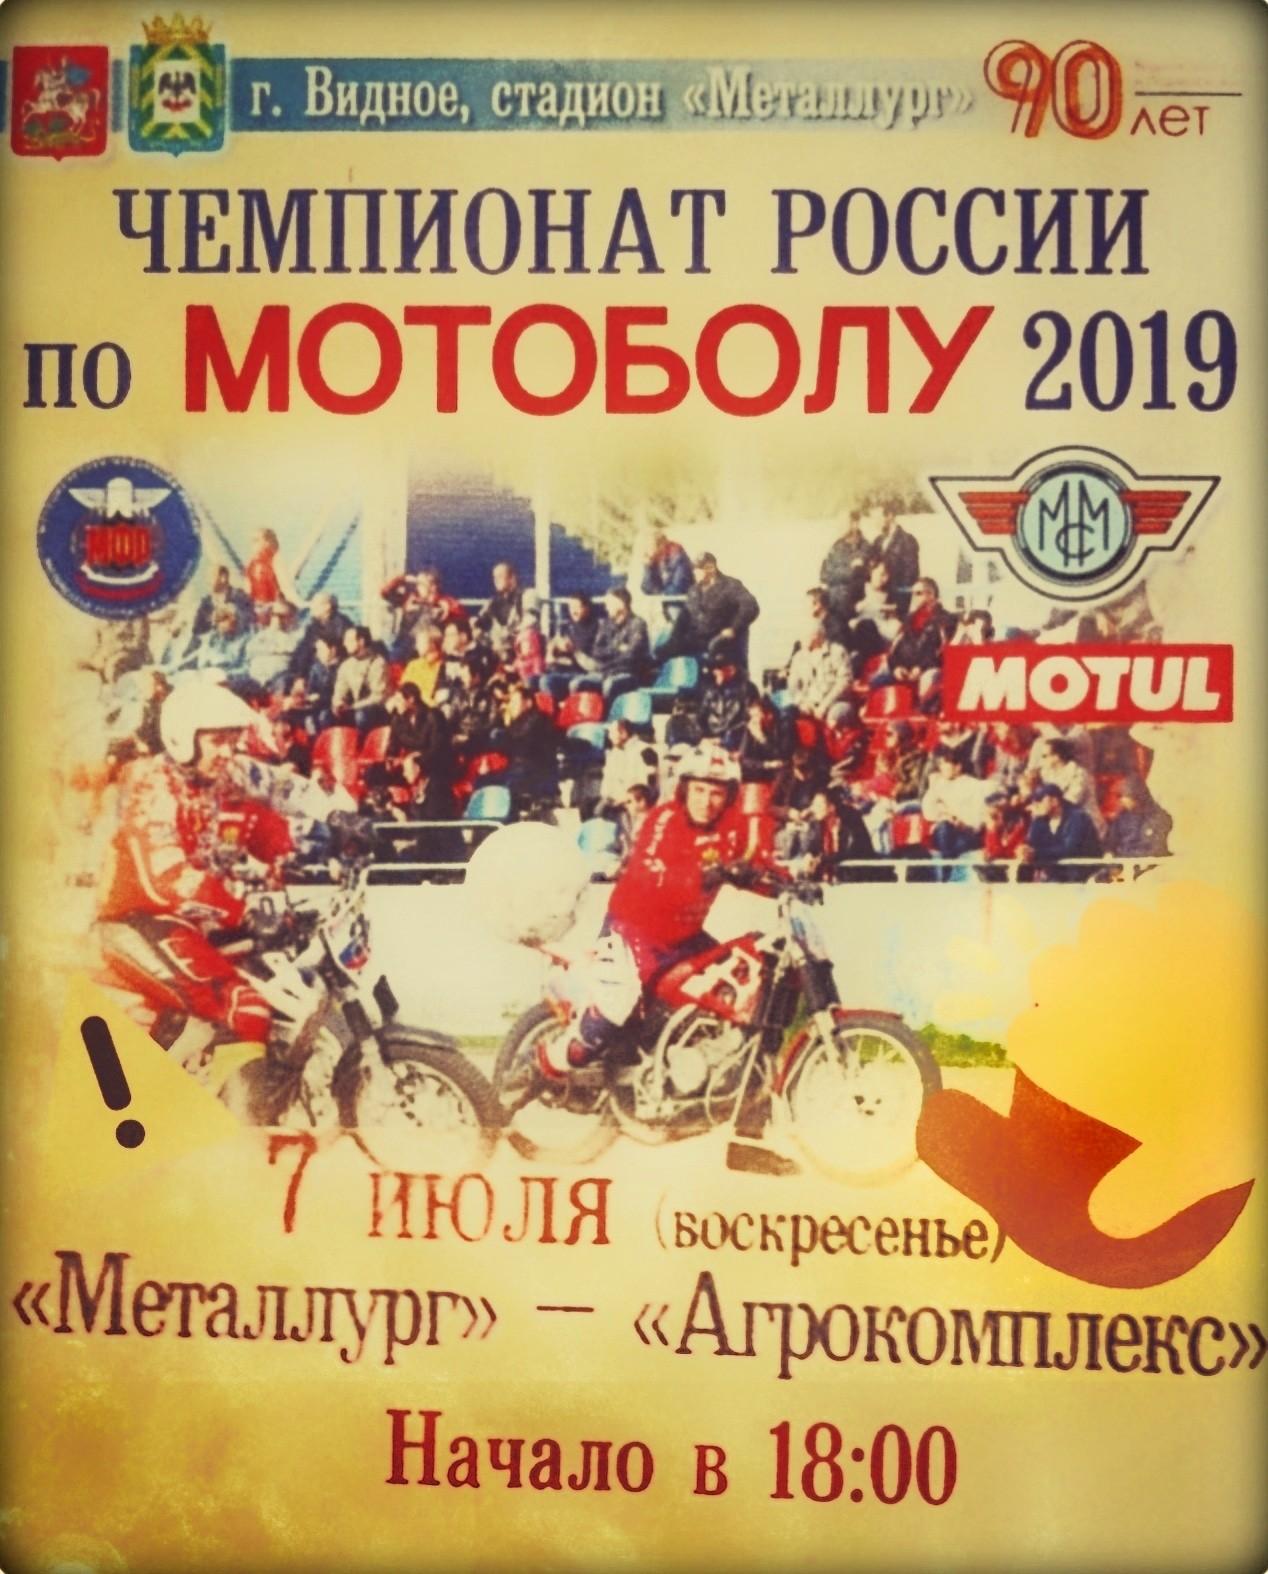 Чемпионат России по Мотоболу 07.07.2019